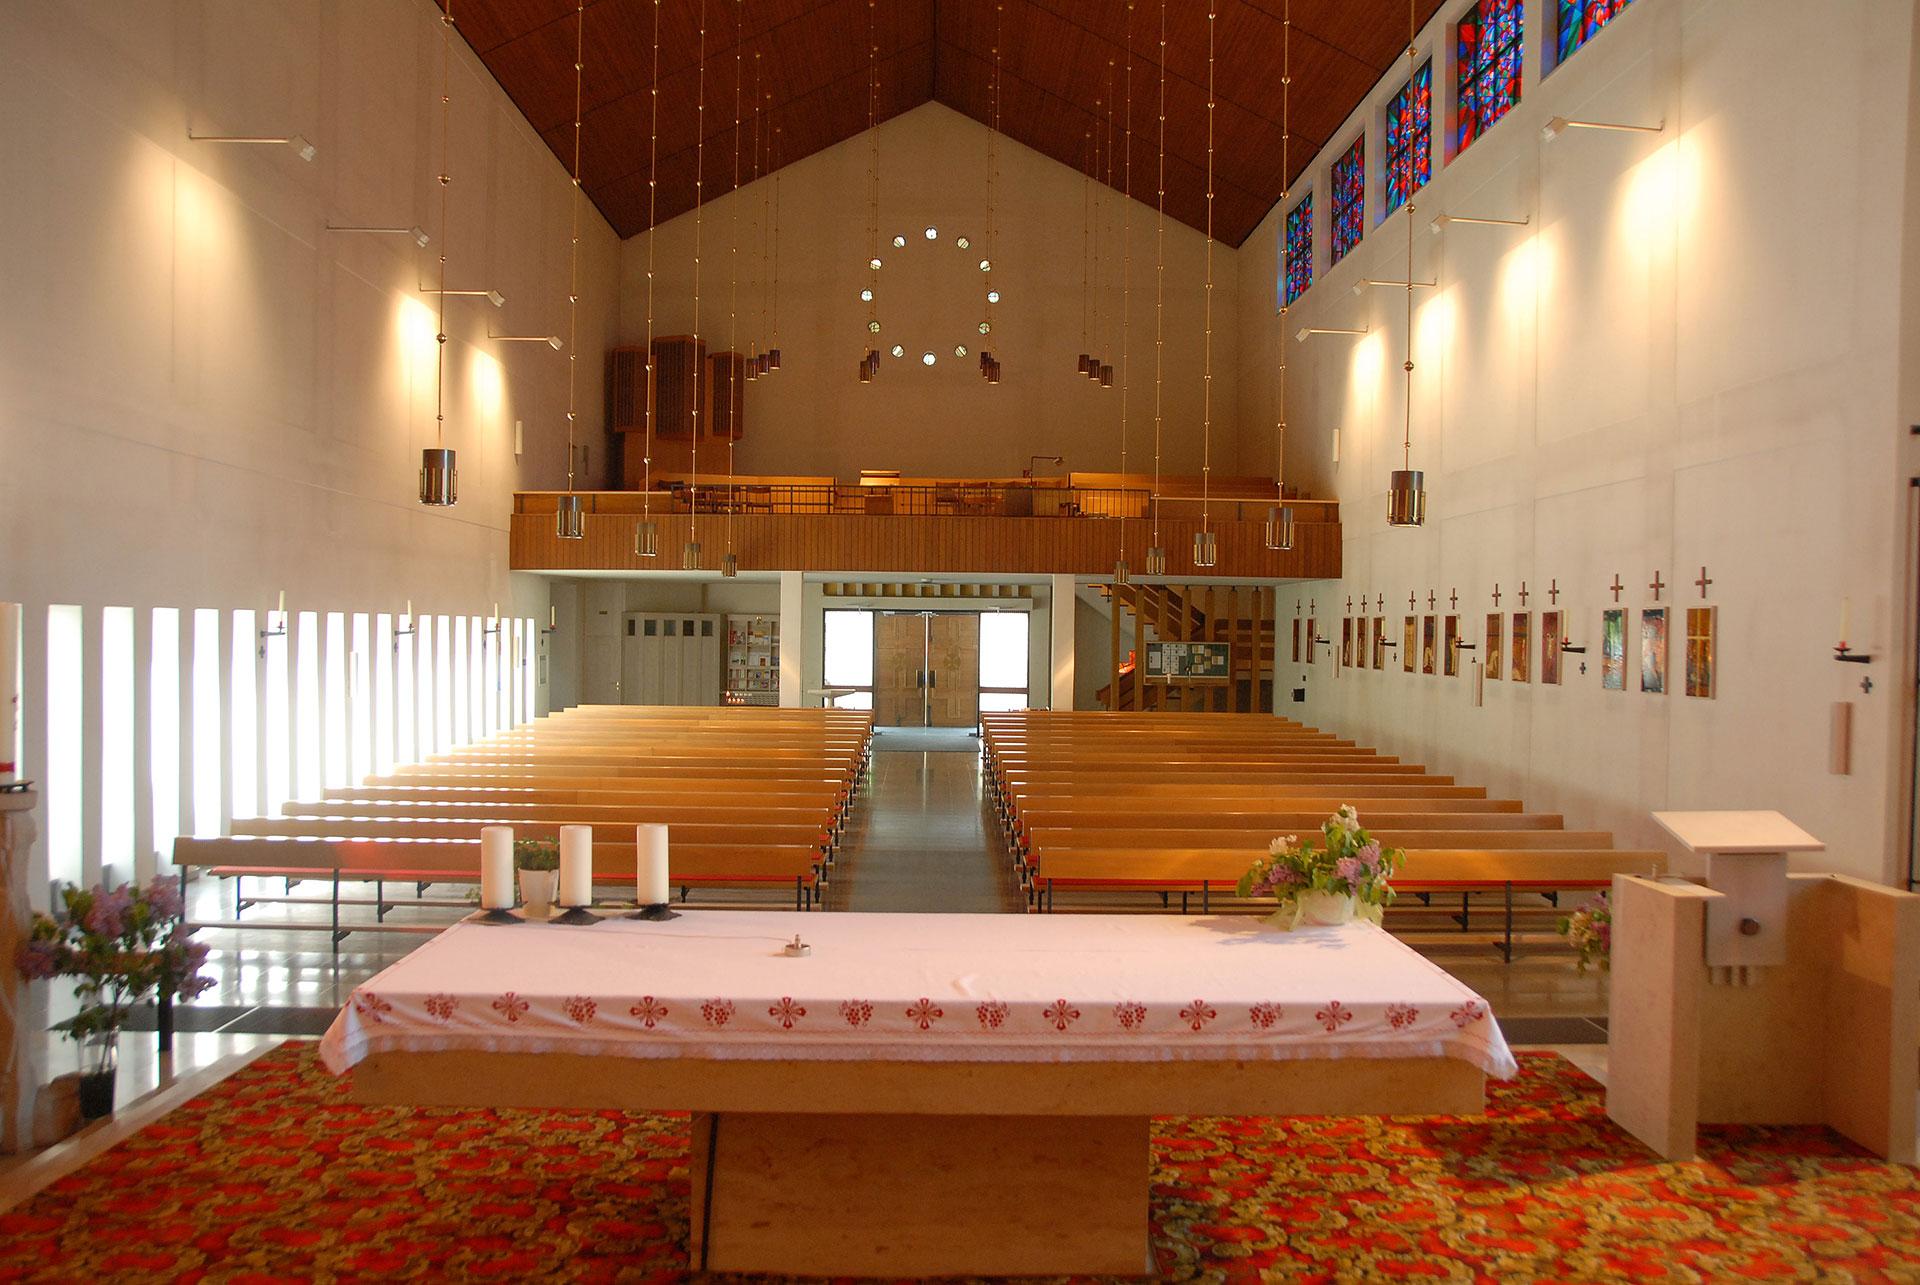 Kirche Schüttdorf Altarraum